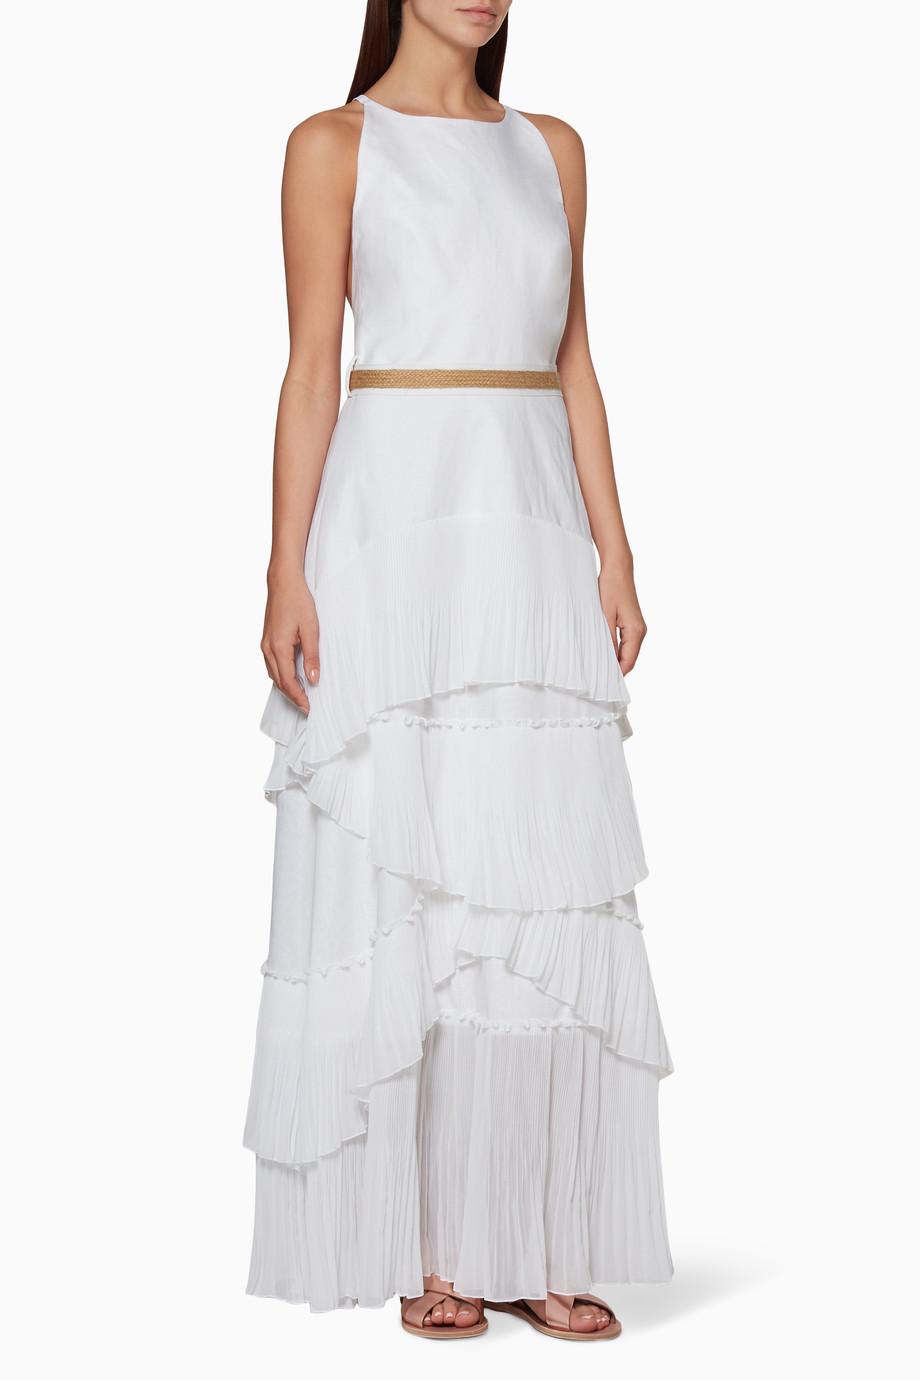 992c30828242f تسوق فستان ديا كشكش أبيض ان ذا مود فور لوف ابيض للنساء